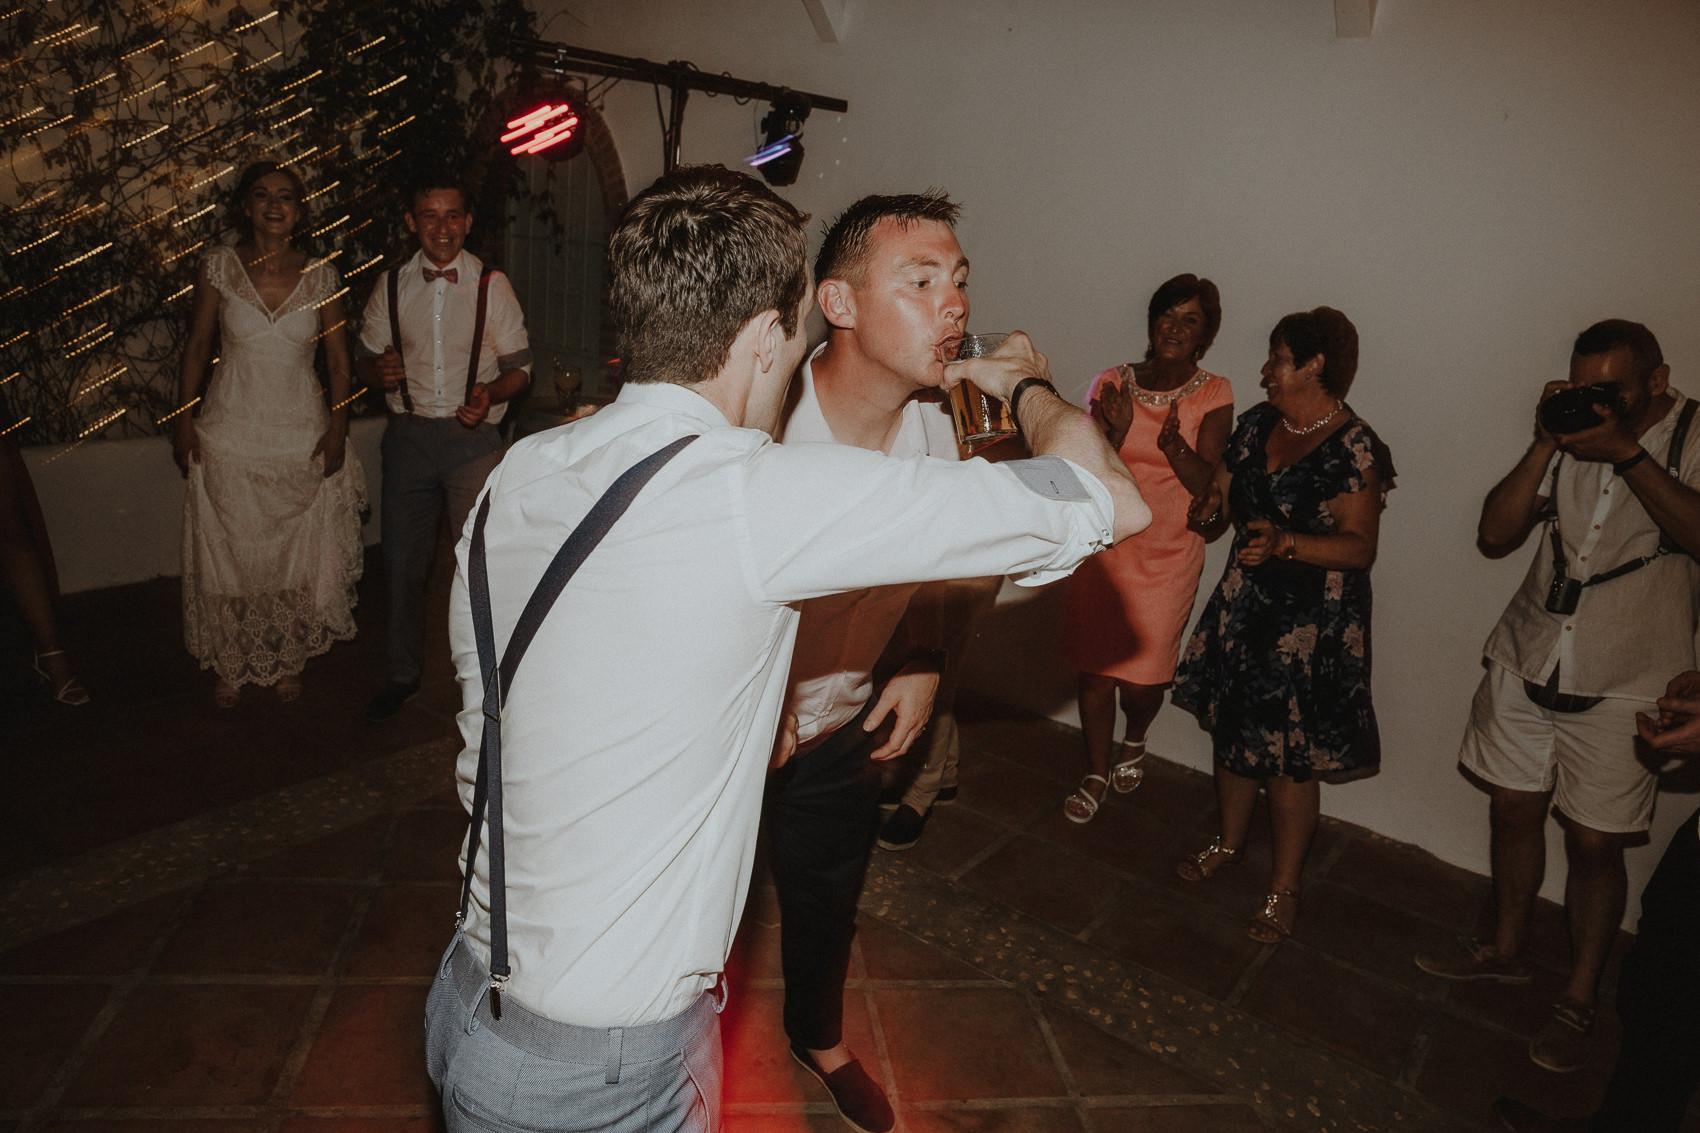 Sarah & Bill | Summer wedding at Cortijo Rosa Blanca | Marbella - Spain 179